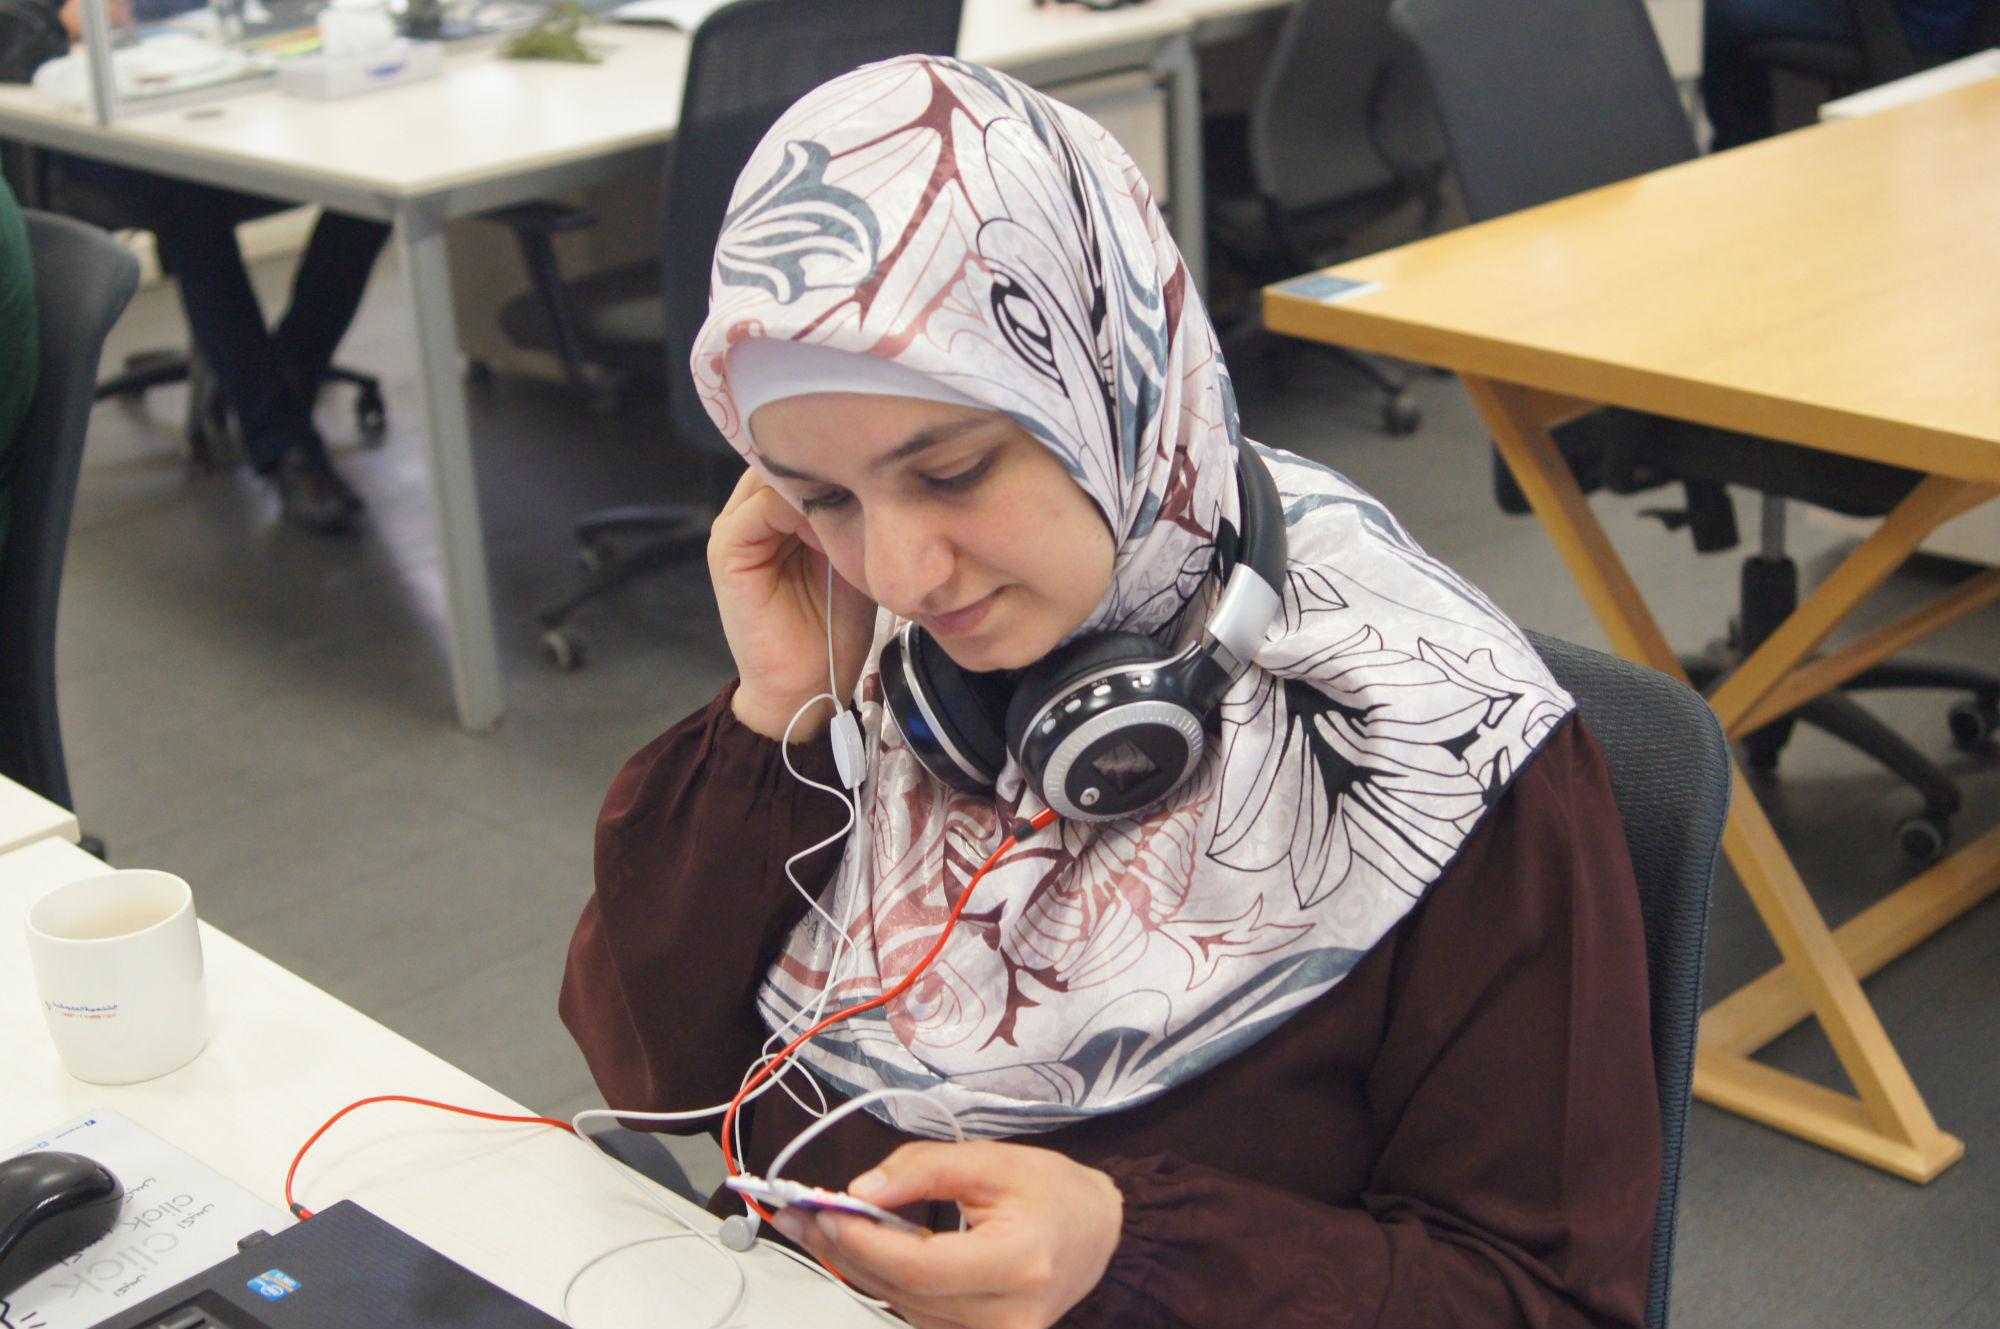 """آلاء سليمات- شريك مؤسس ومديرة تنفيذية لشركة مسموع - تختبر أحد الأجهزة  المستخدمة  في الإصغاء لكتاب """"مسموع"""" باستخدام تقنية MP3  للتسجيل"""